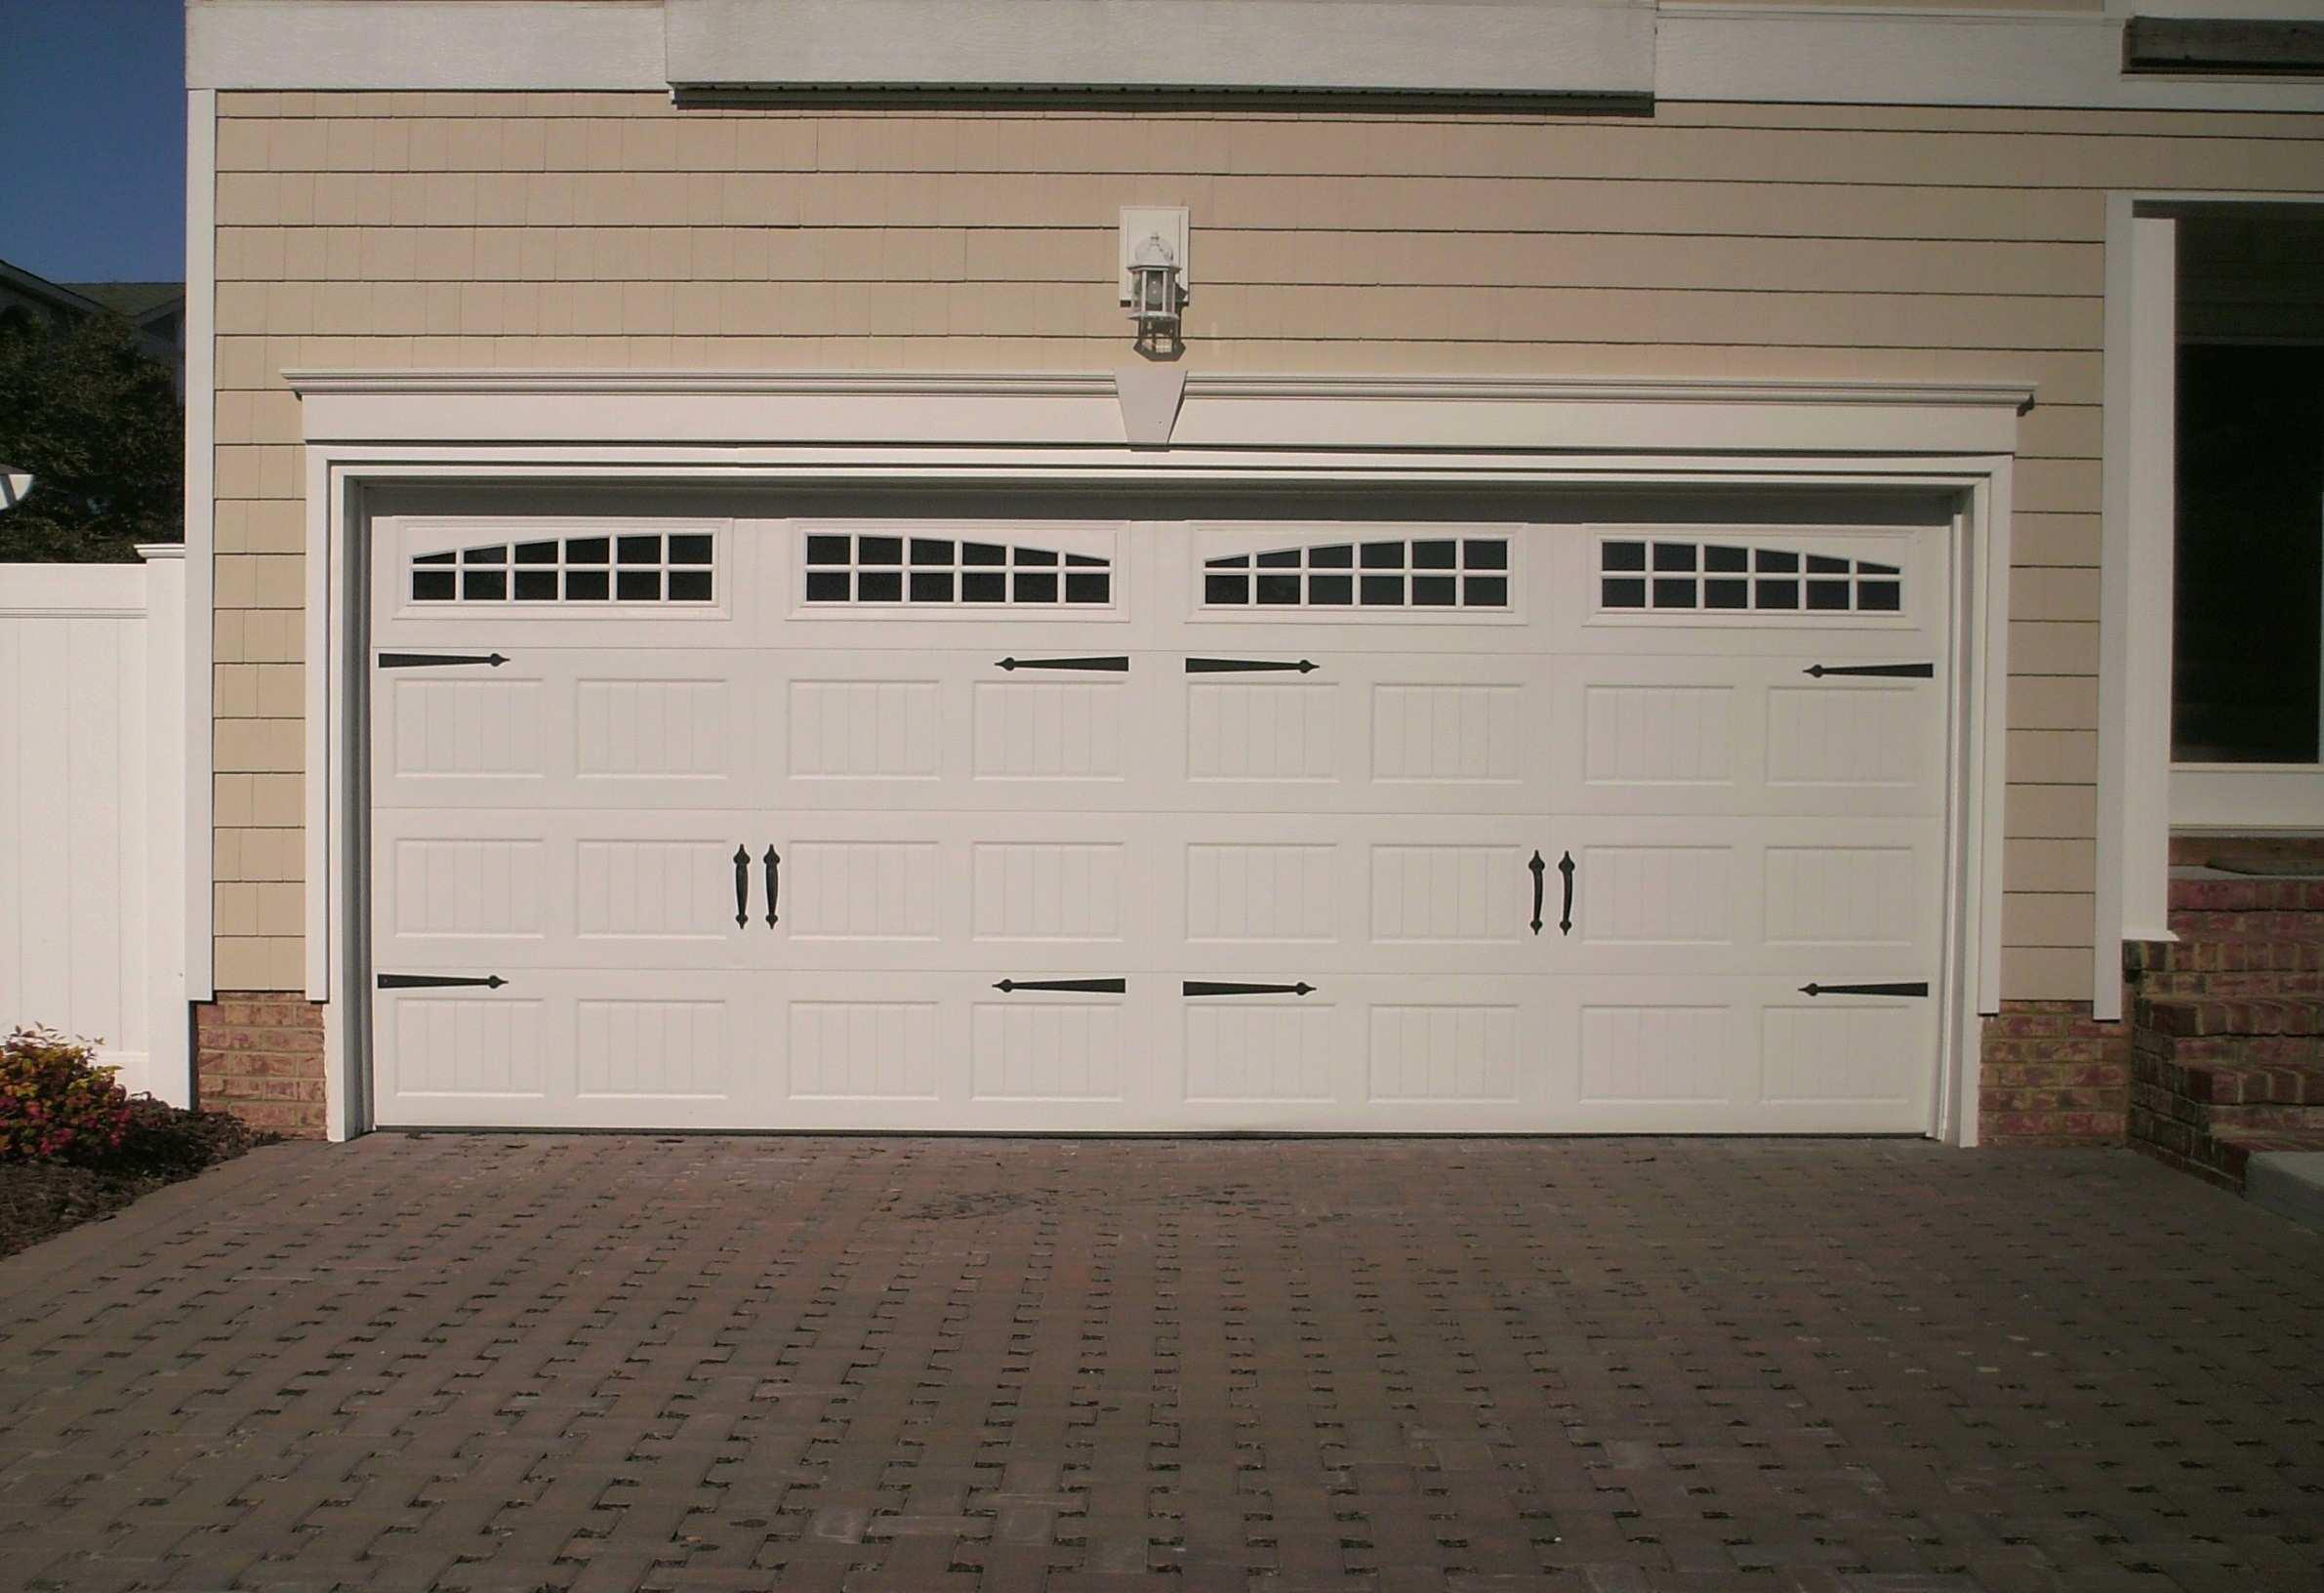 Geis Garage Door Repair Elegant Accessories Shelving Westfield regarding dimensions 2381 X 1632